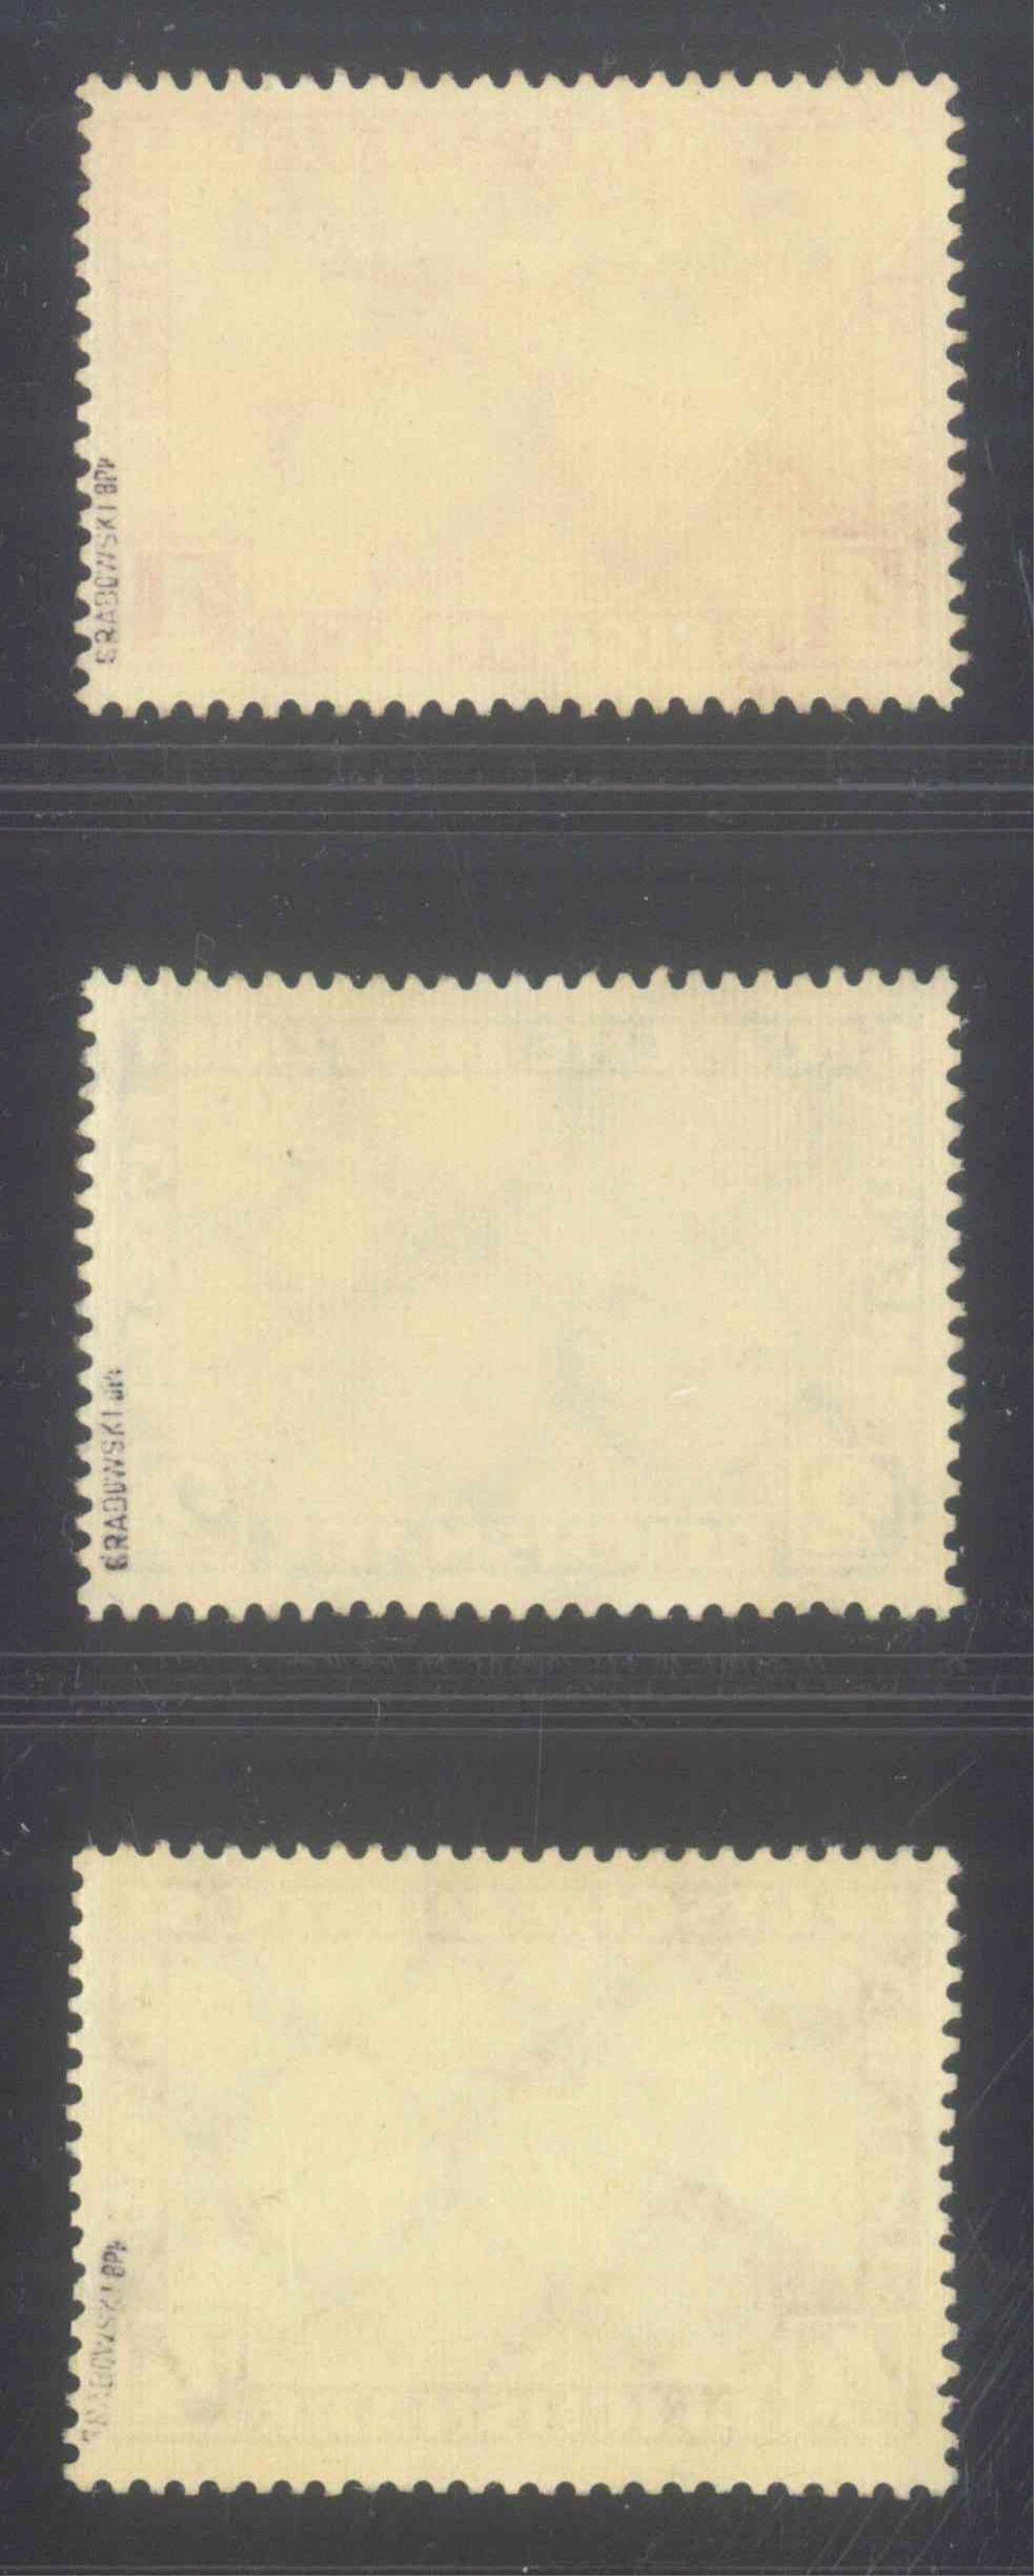 1933 III. REICH, CHICAGOFAHRT-1